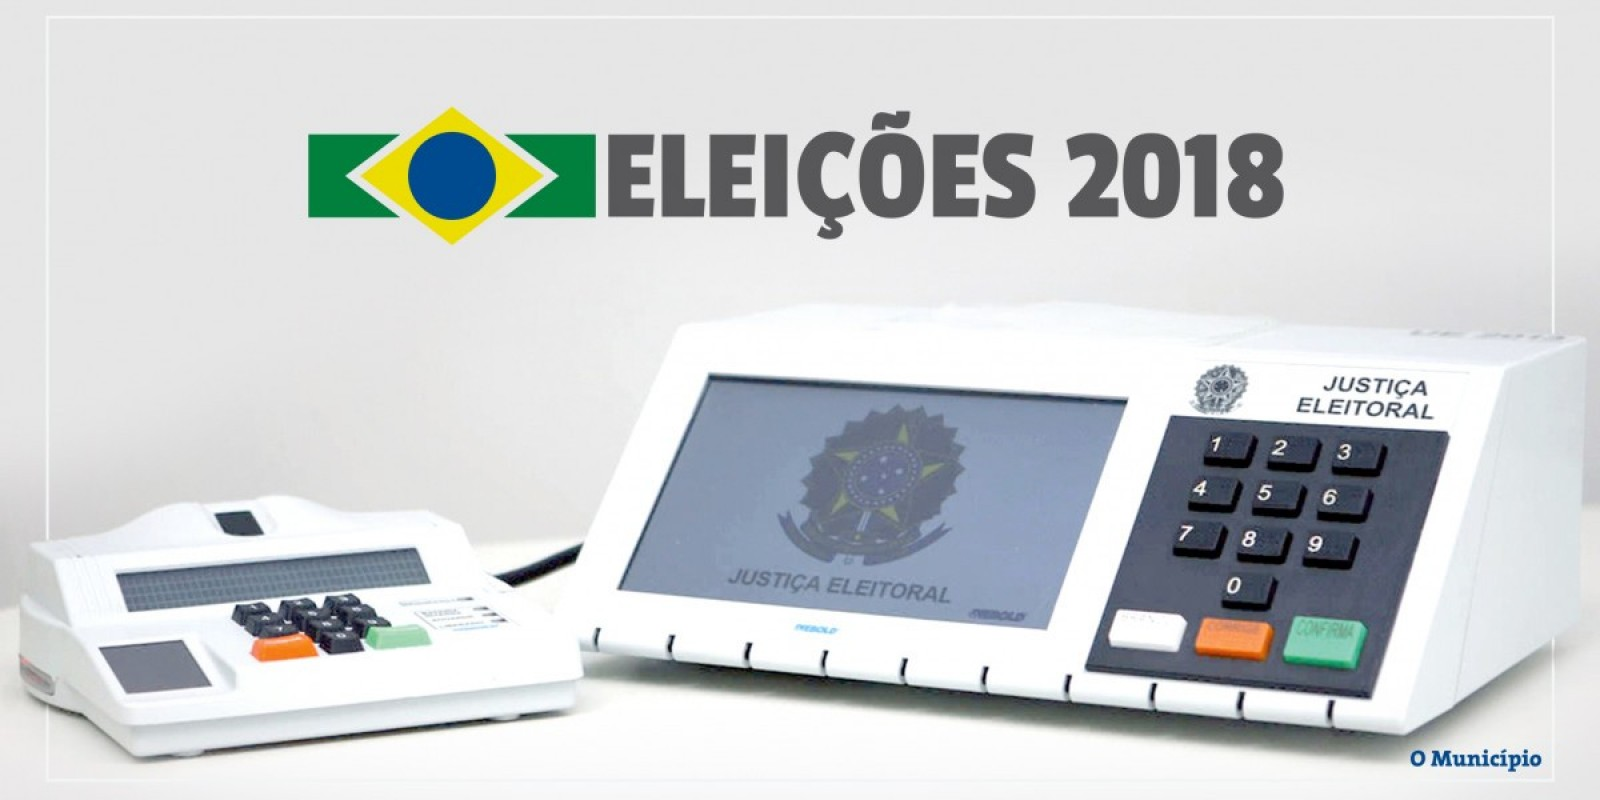 Conheça os candidatos eleitos em Santa Catarina